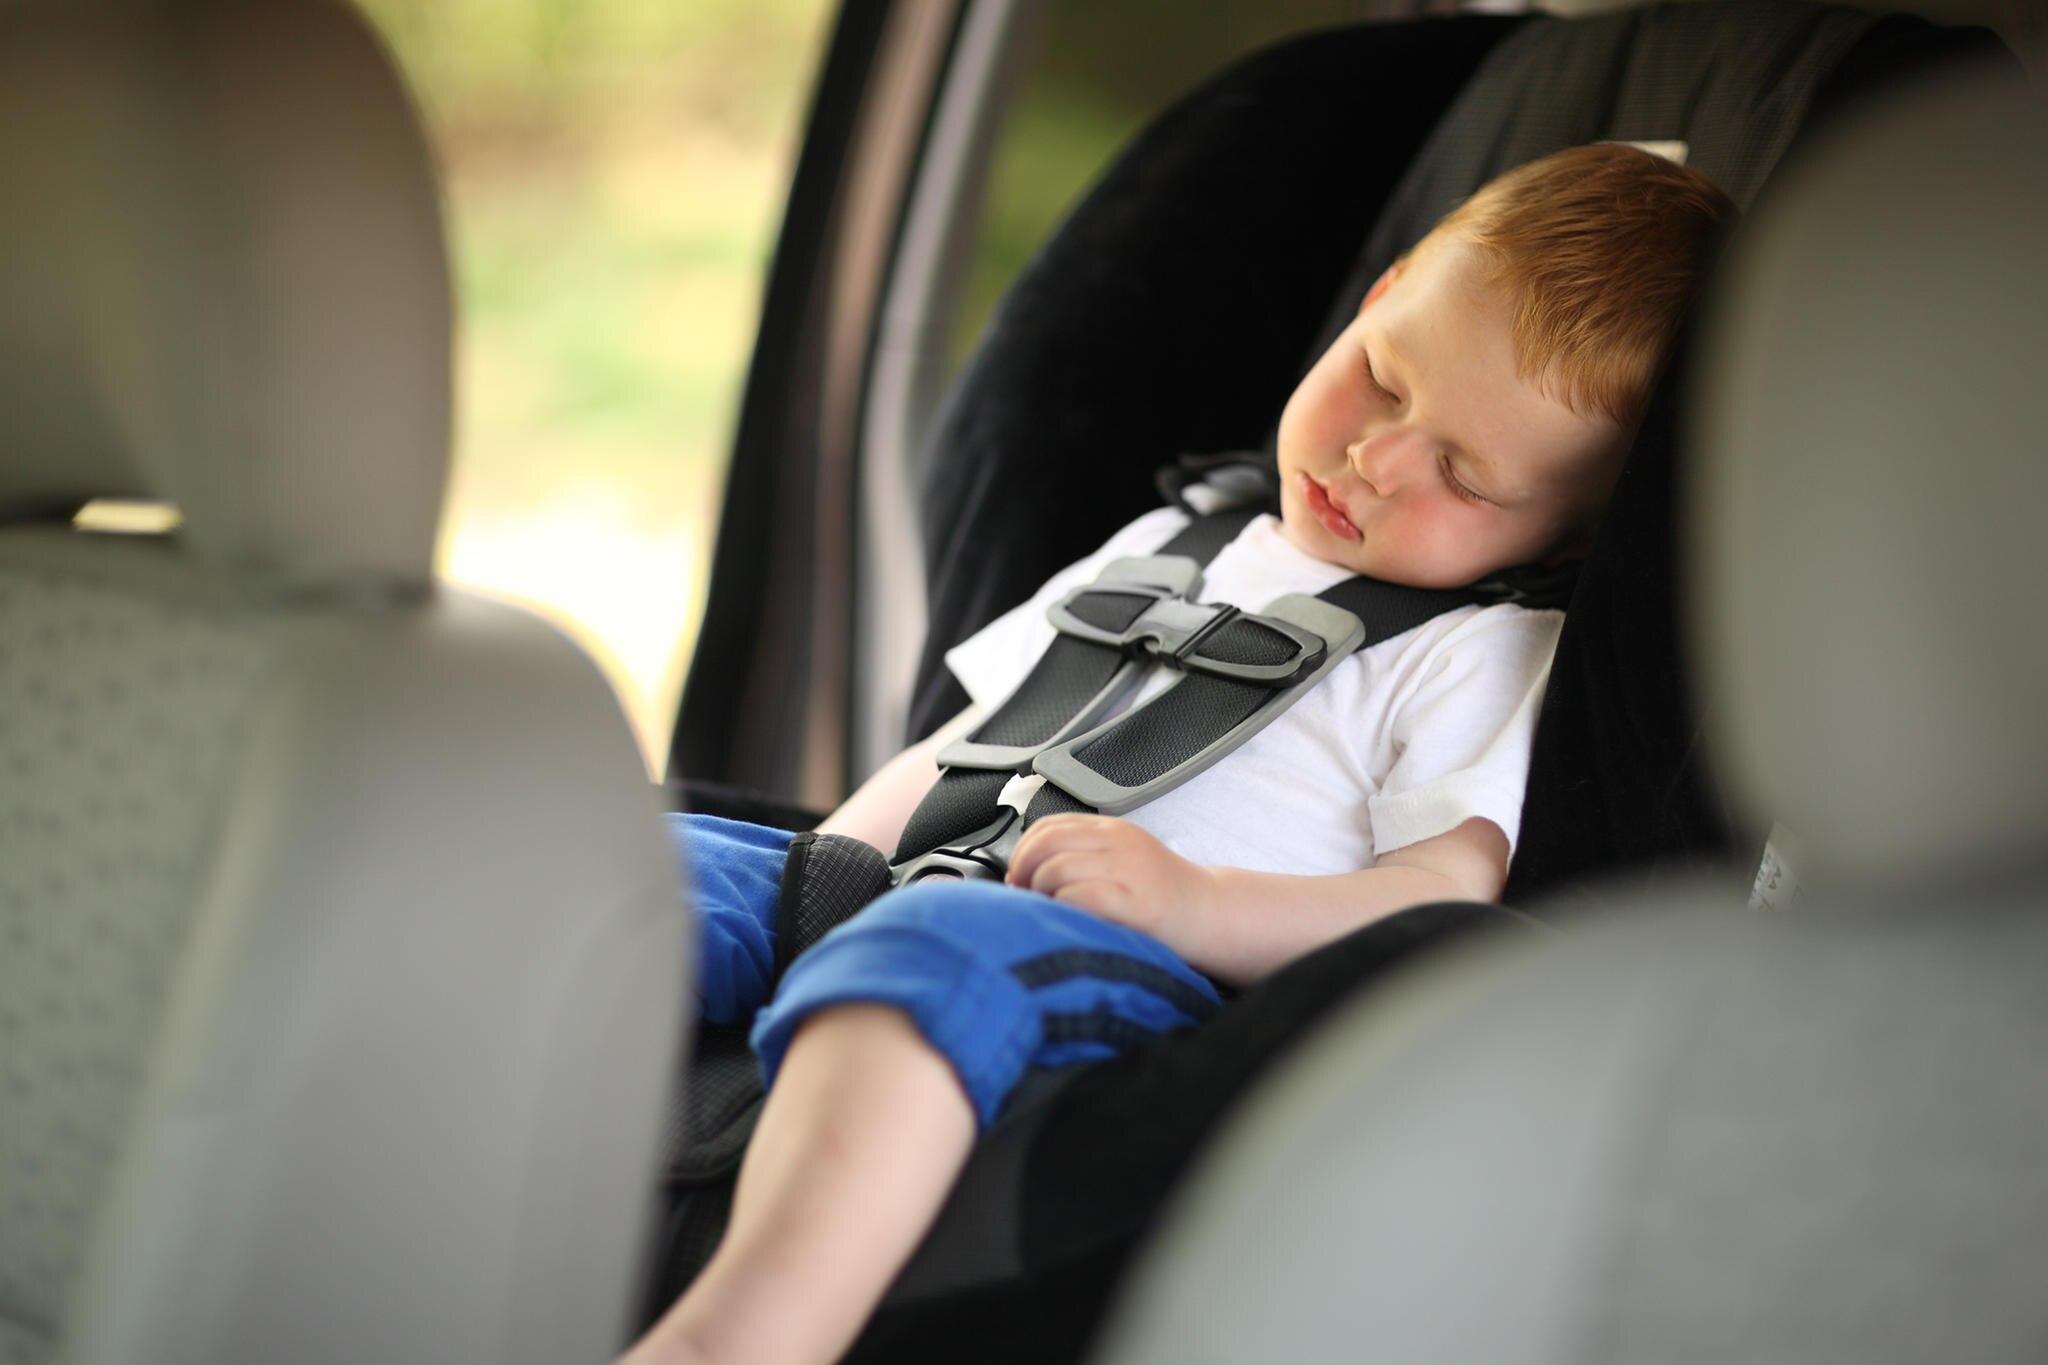 Junge schläft im Auto (Symbolbild)